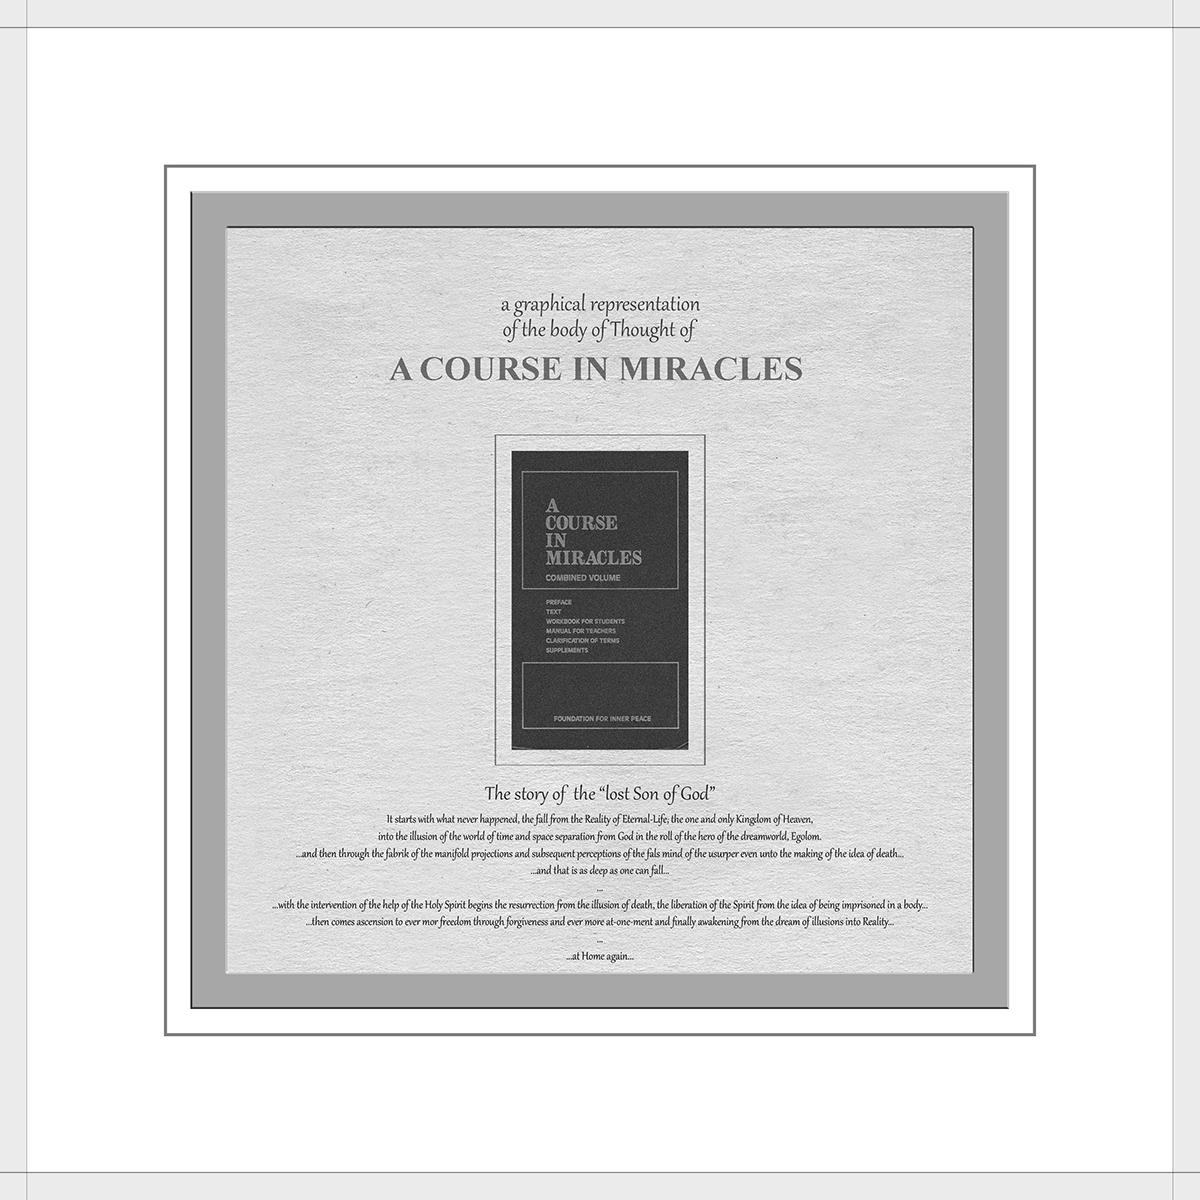 001a-acim02-big